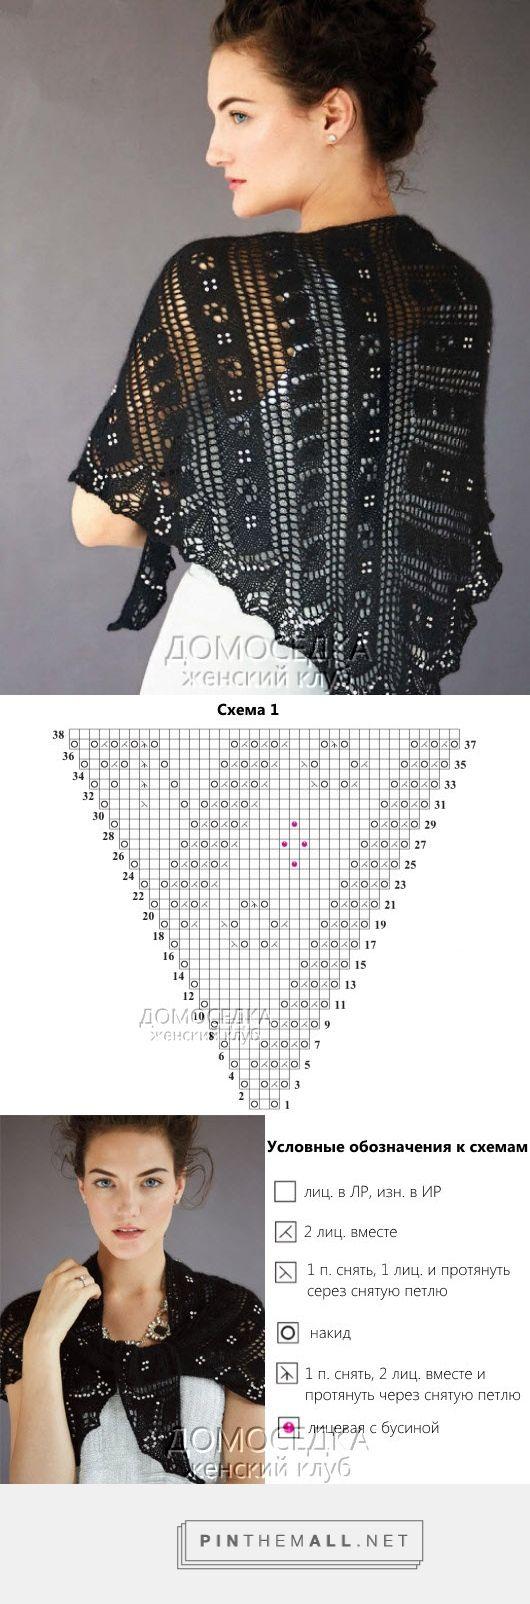 scialle nero - maglia ... - una immagine immagini raggruppate - Pin Them All